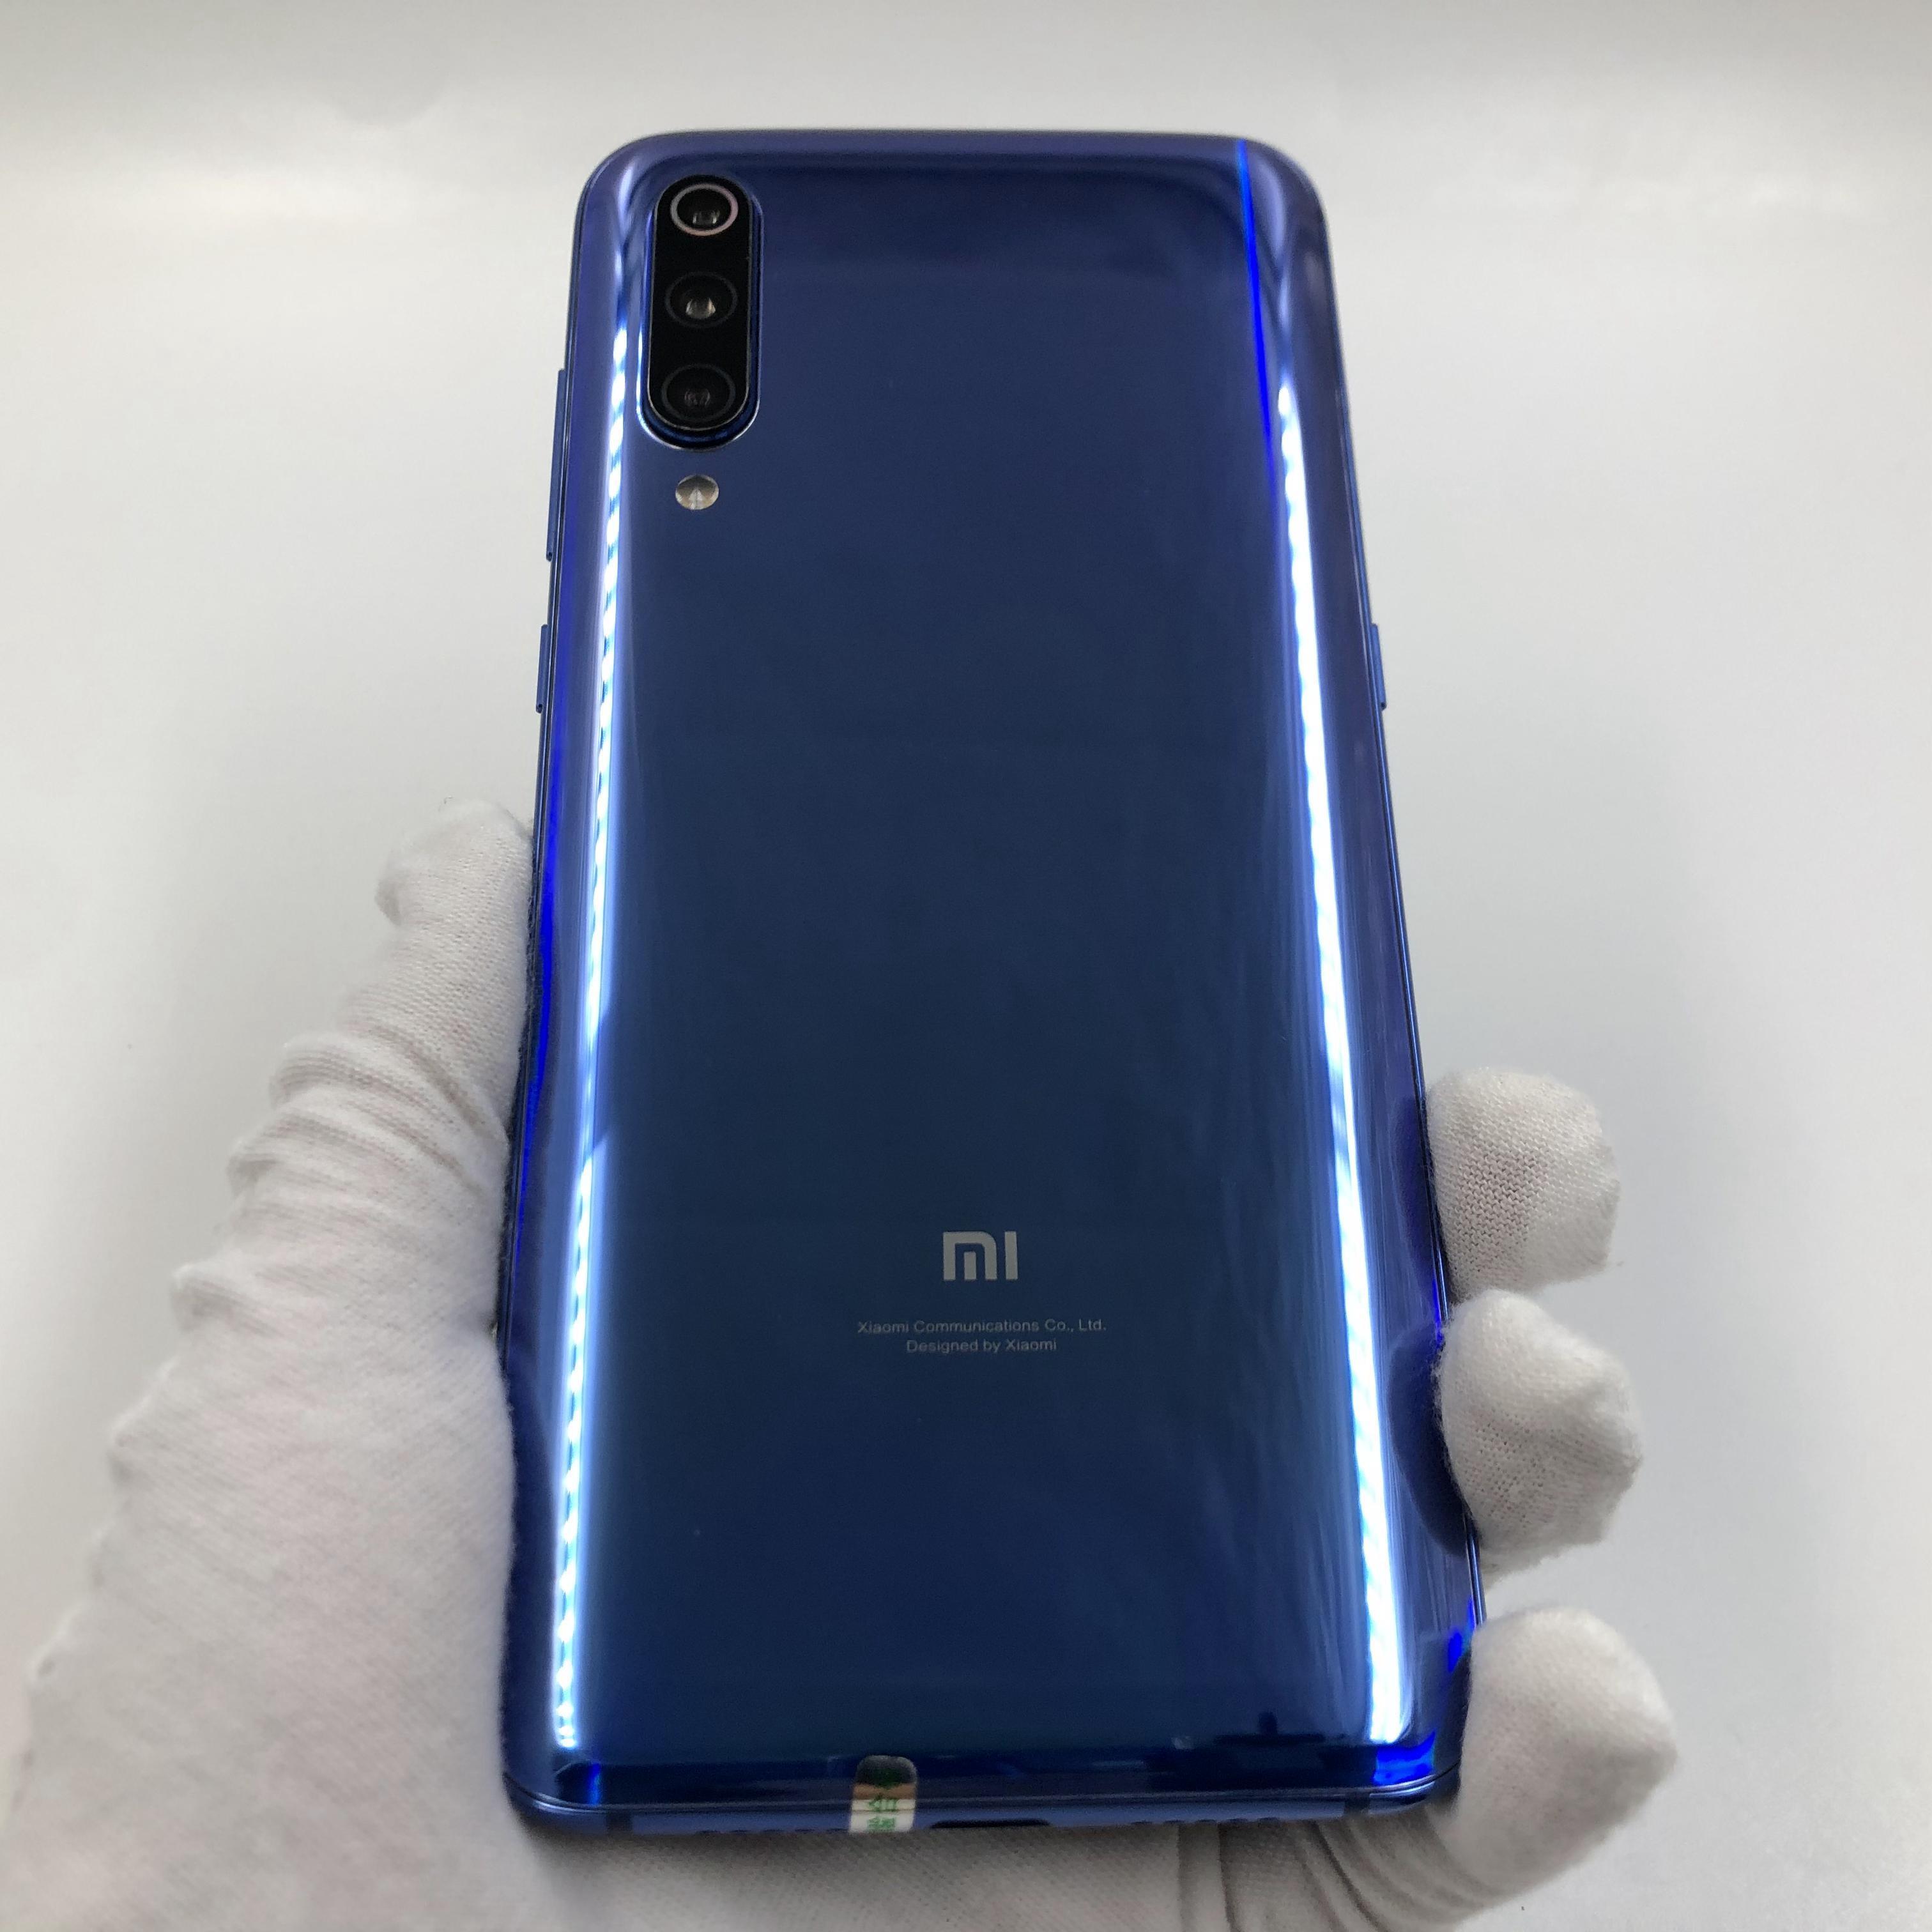 小米【小米9】4G全网通 蓝色 6G/128G 国行 8成新 真机实拍